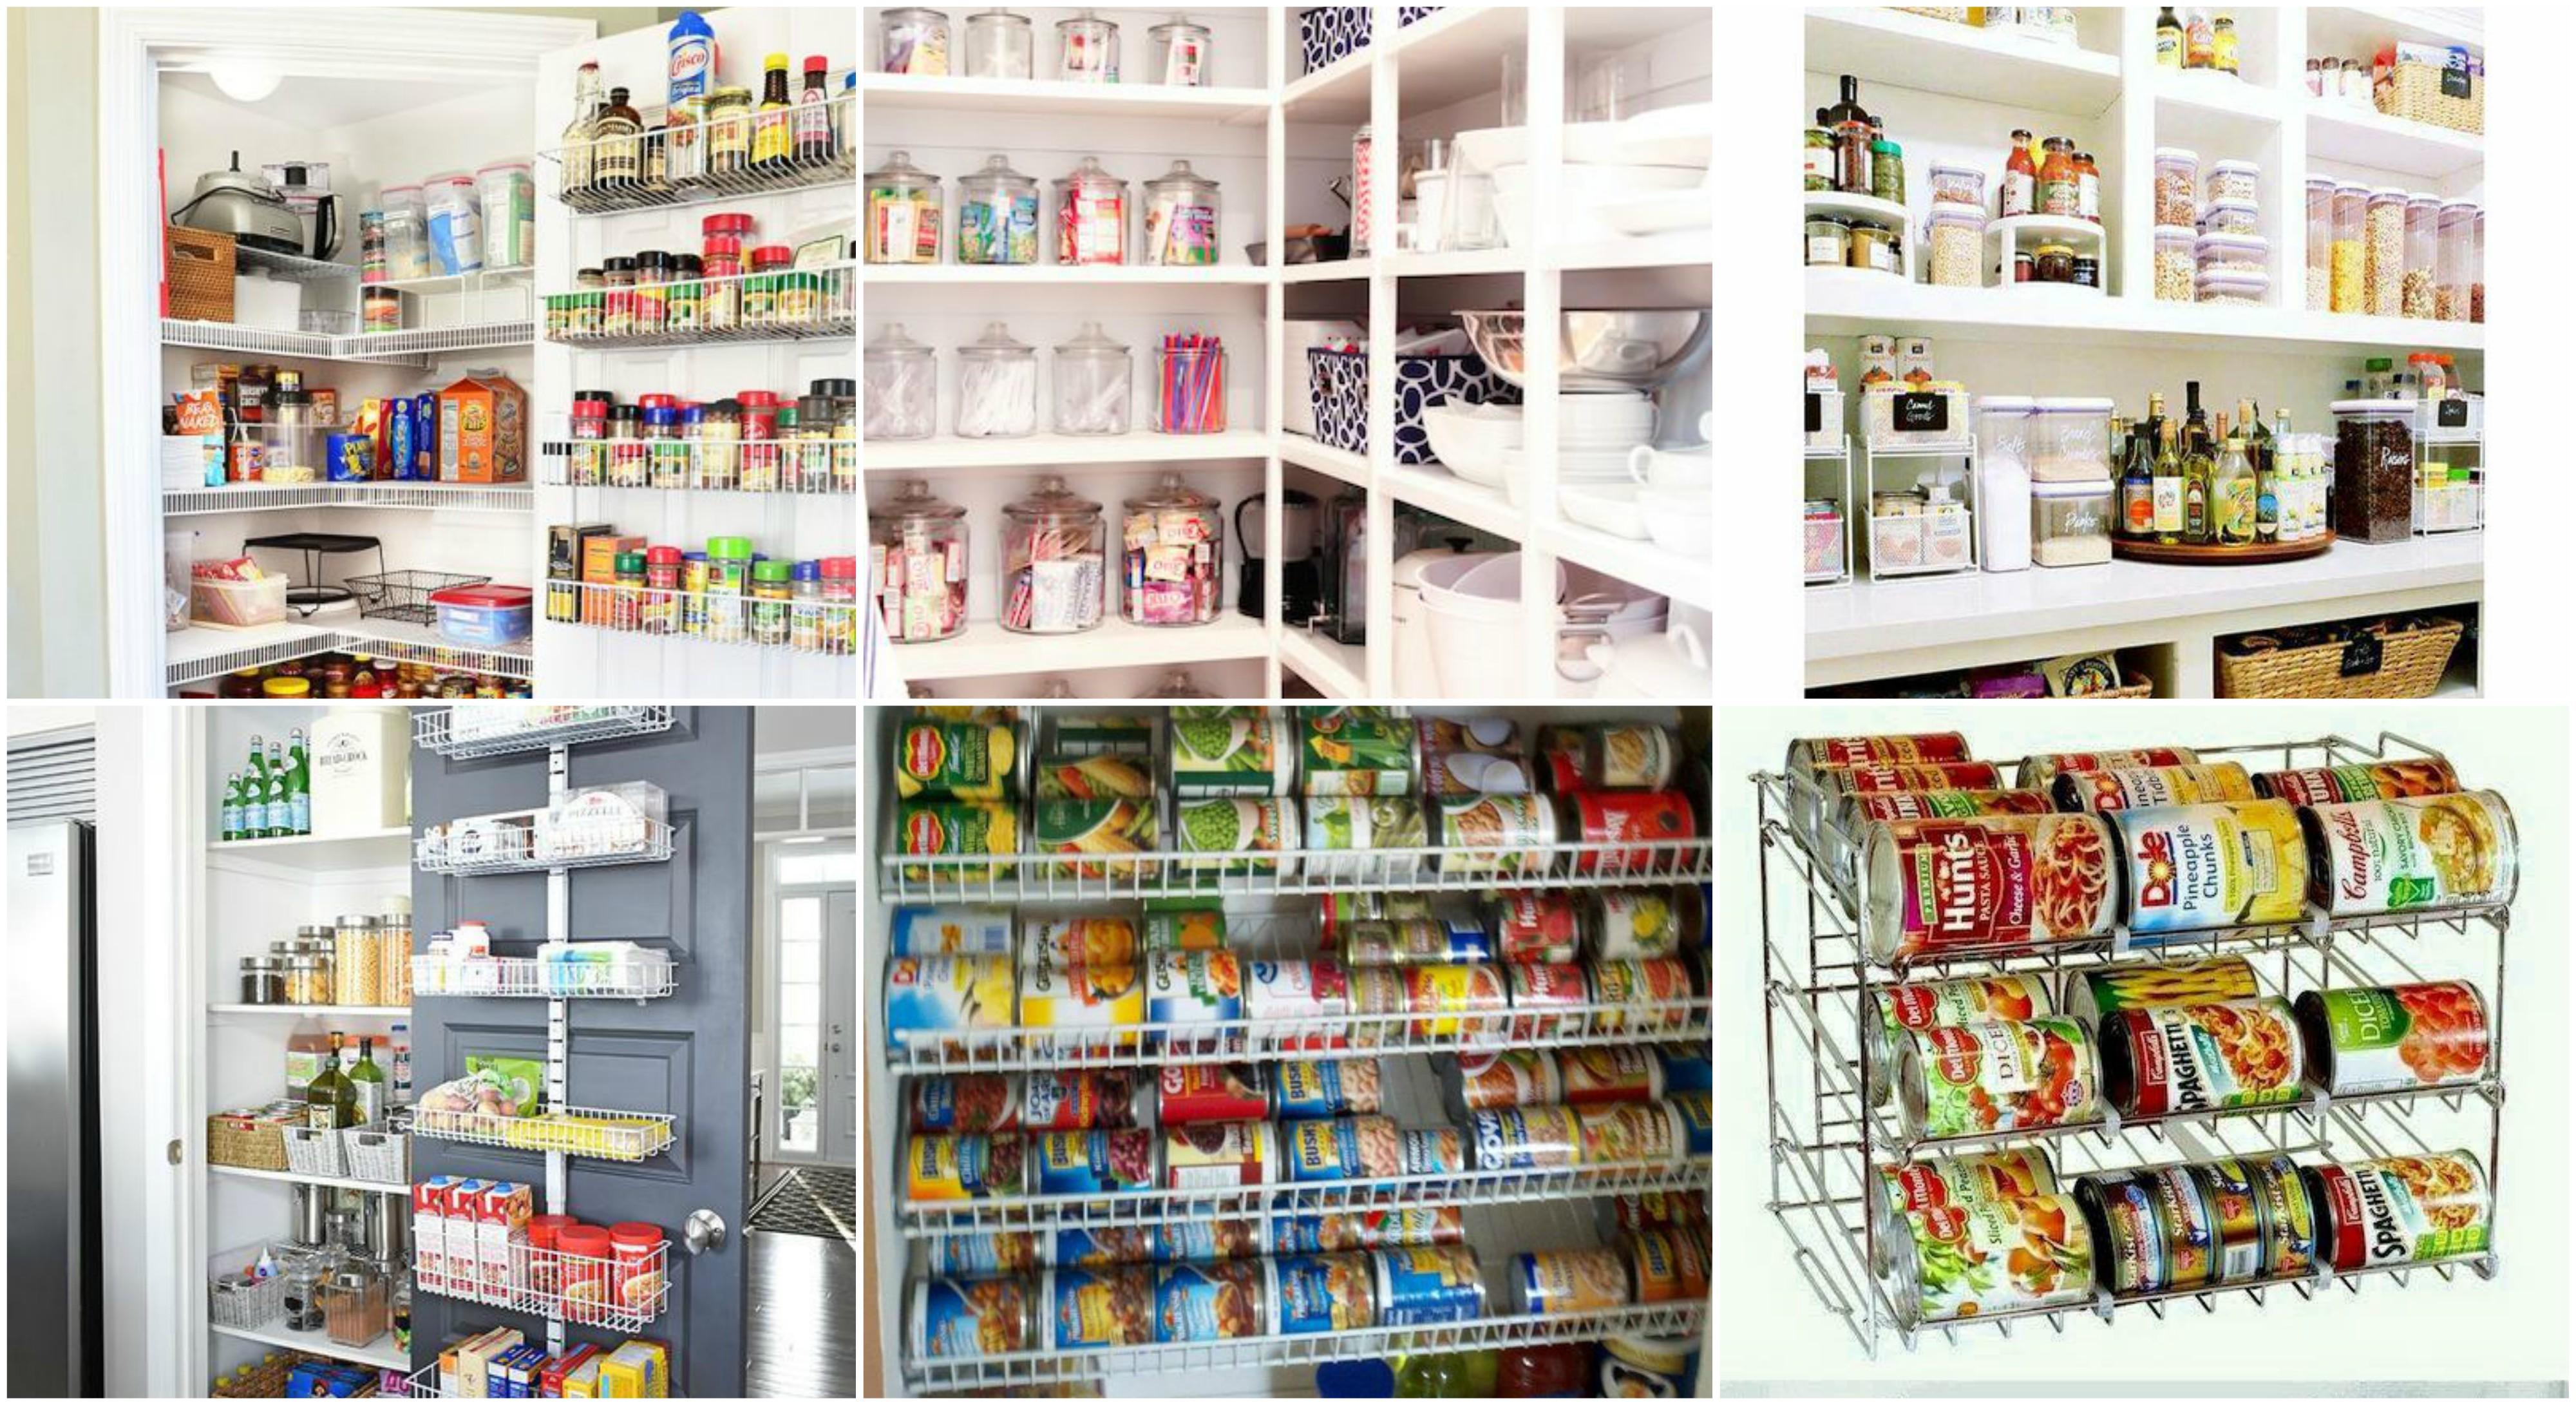 Ordnung Schaffen Ideen : ordnung in speisekammer schaffen 15 tolle ideen ~ Watch28wear.com Haus und Dekorationen